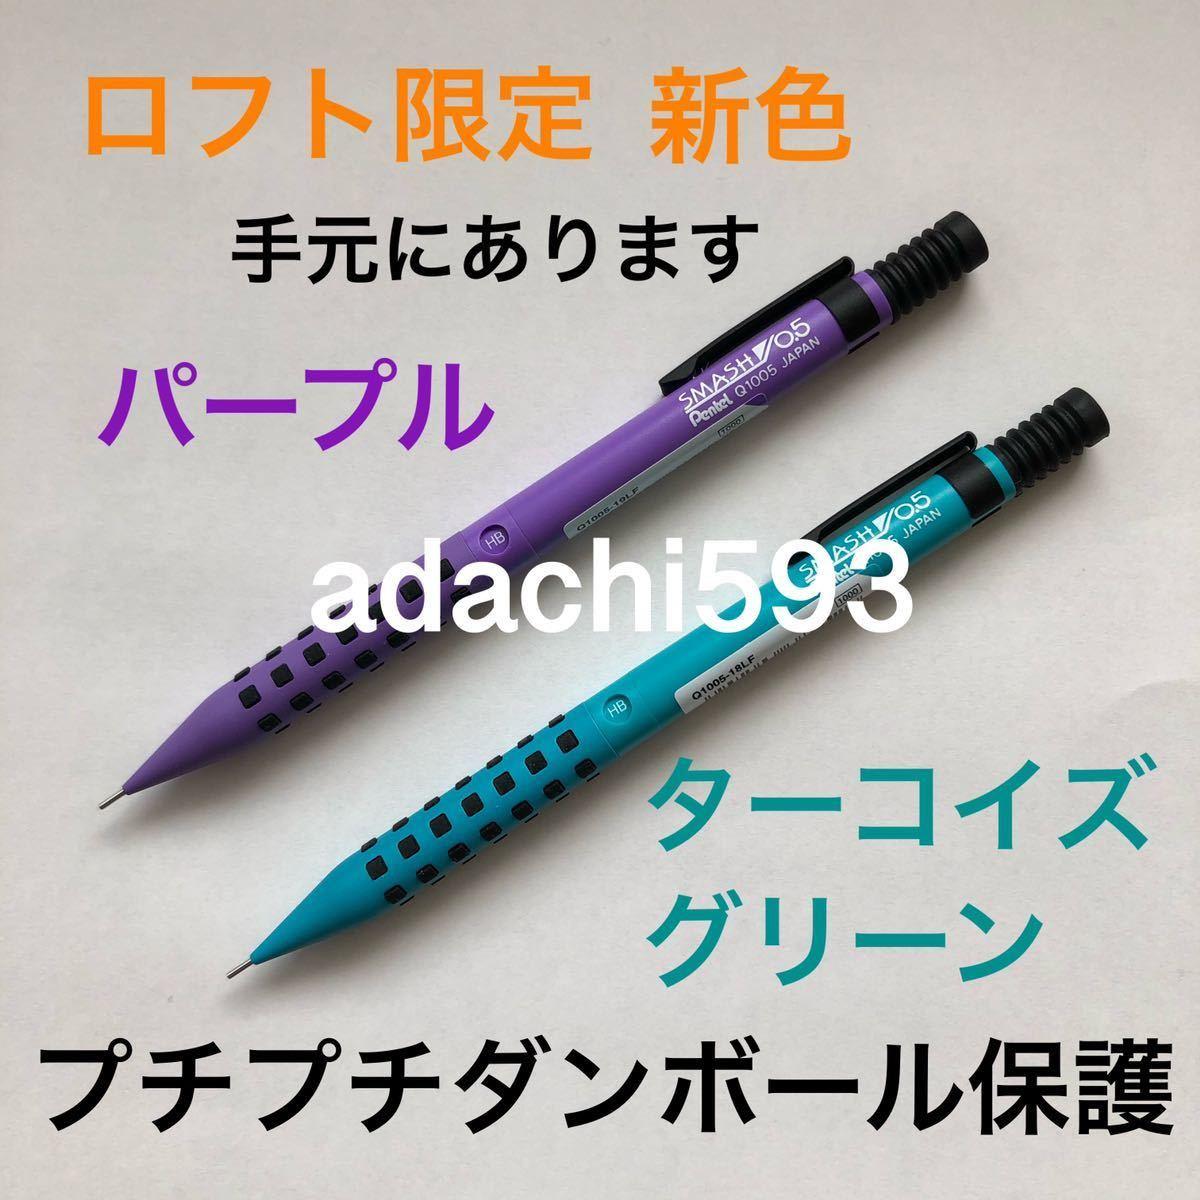 送料無料 新色パープル ターコイズグリーン 新品スマッシュロフト限定カラー2本 LOFT シャープペンシルシャーペン0.5mmぺんてる未使用_画像1